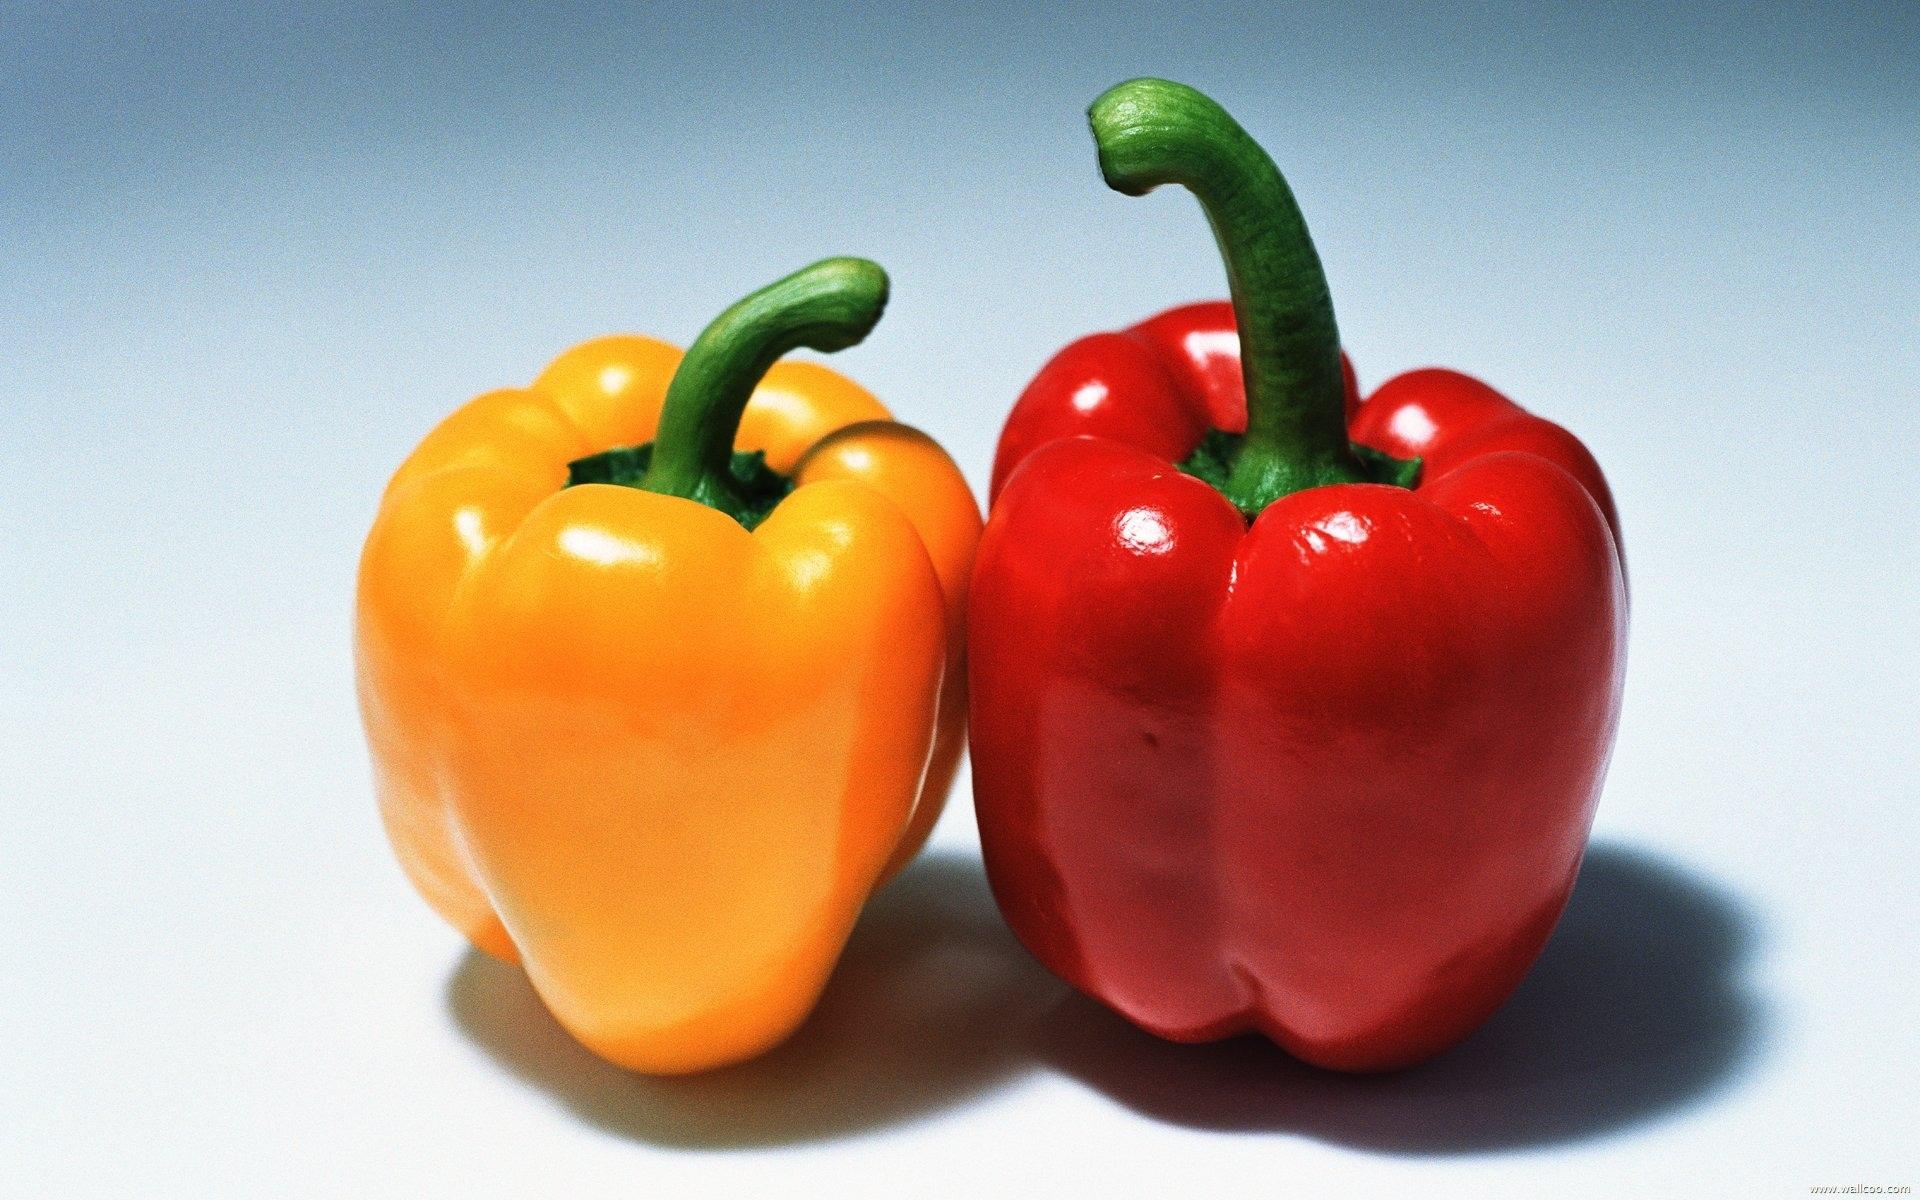 болгарский перец семечки плодоножка бесплатно